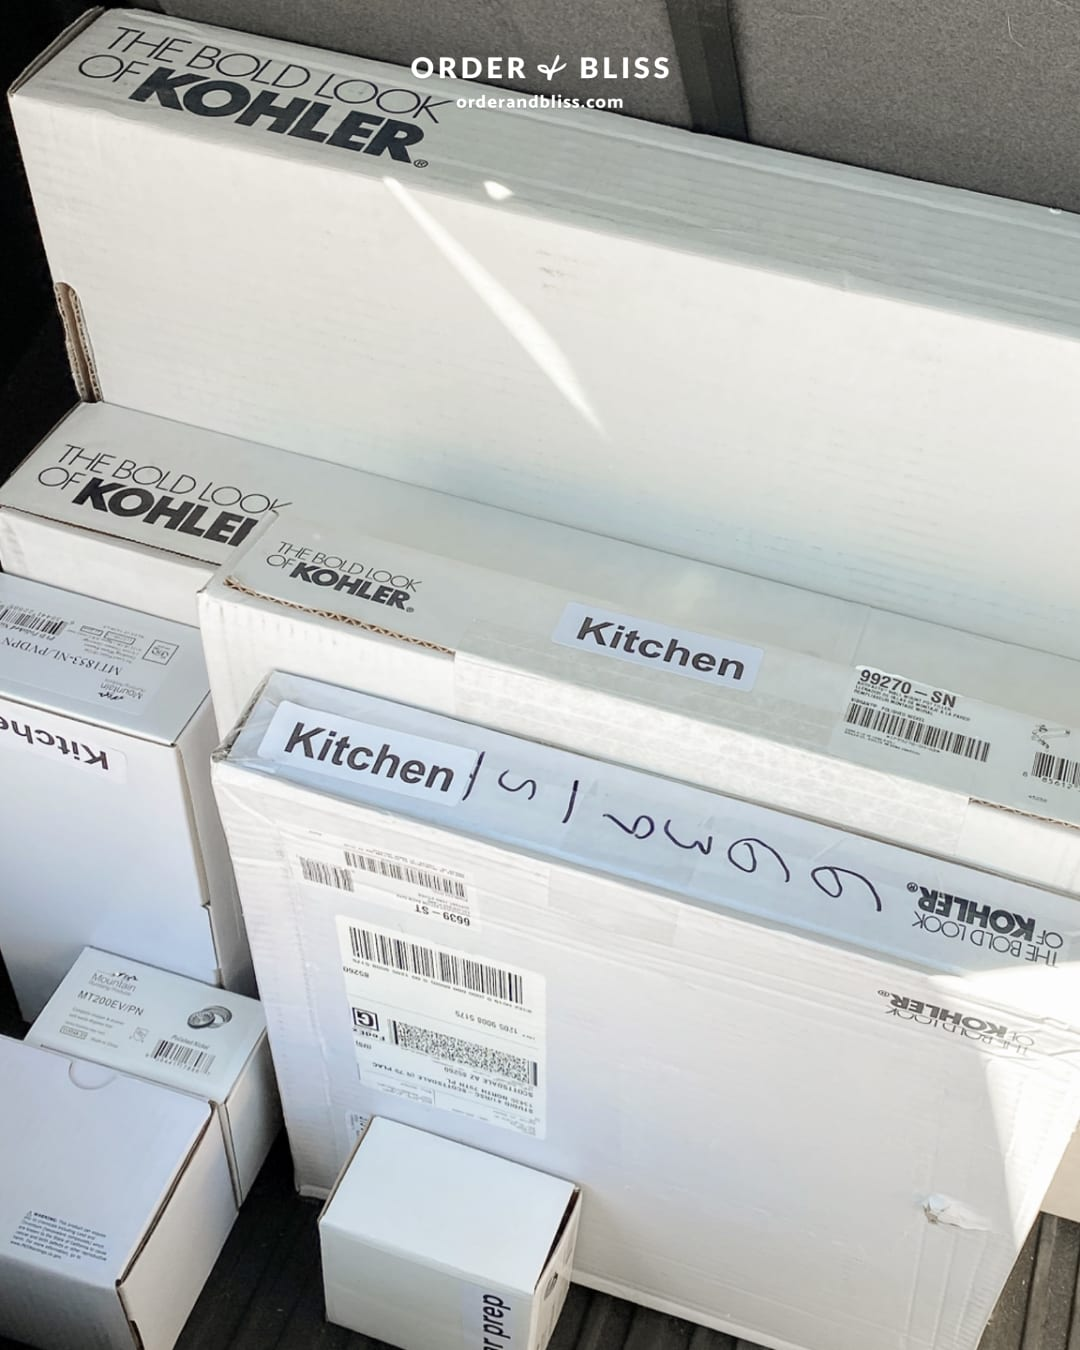 Kohler kitchen faucet boxes